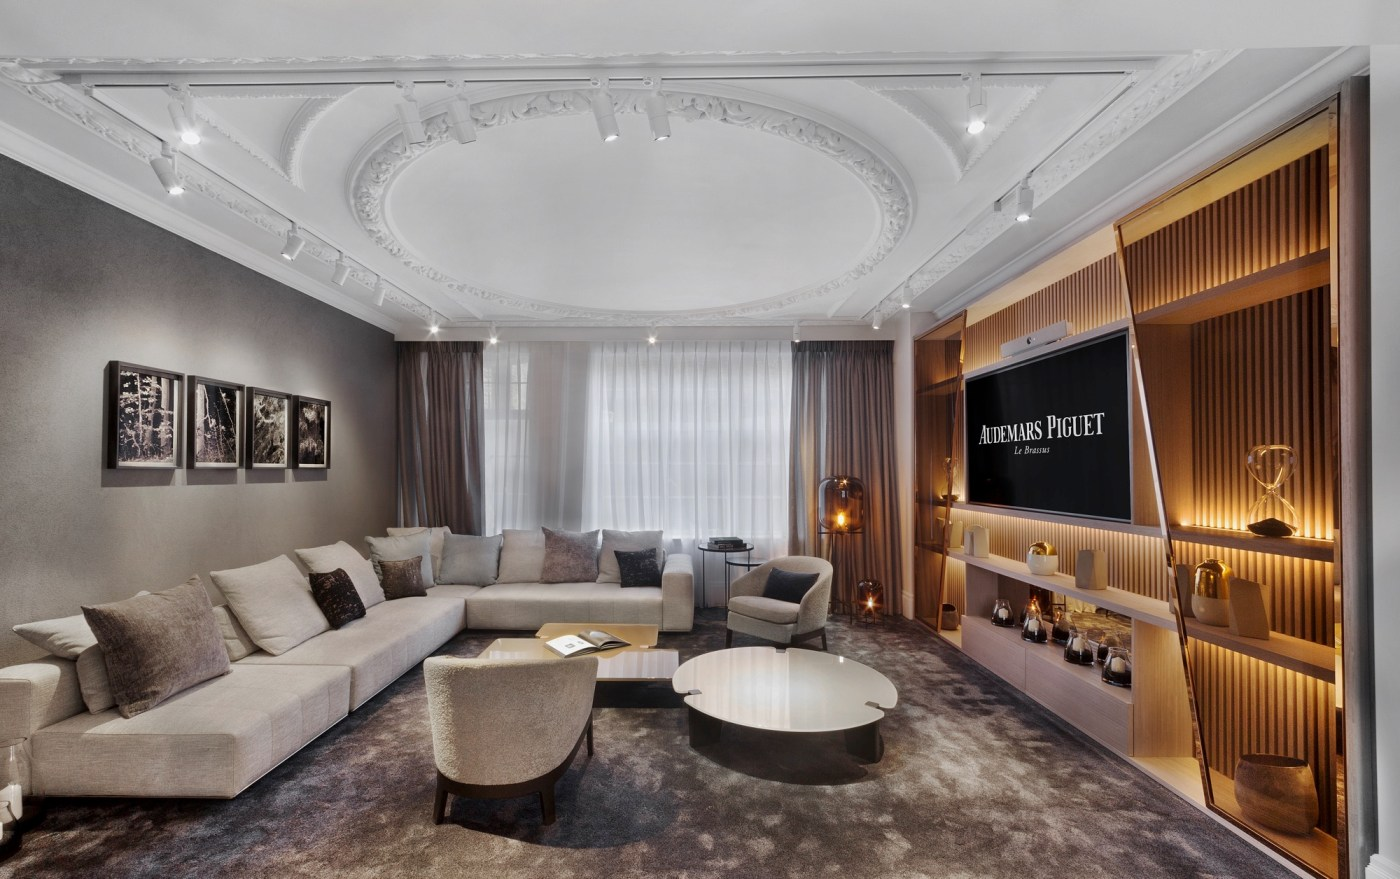 AP House London 2019